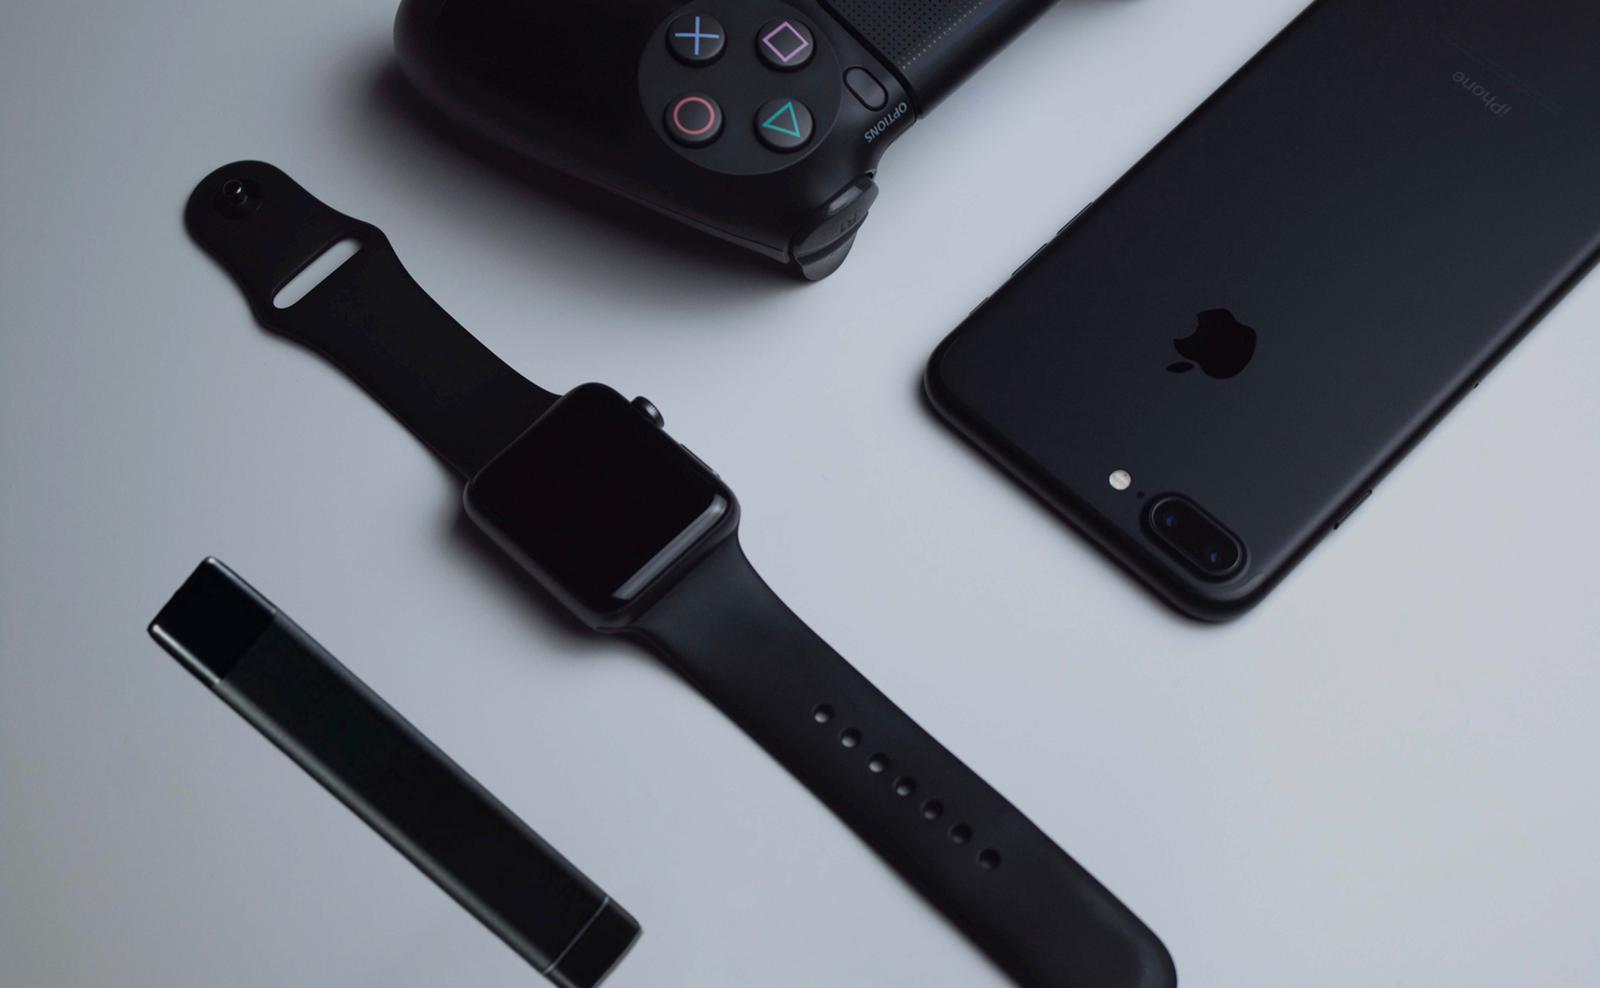 4 gadgeturi cool pe birou: smartphone, tigara electronica, smartwatch si joystick